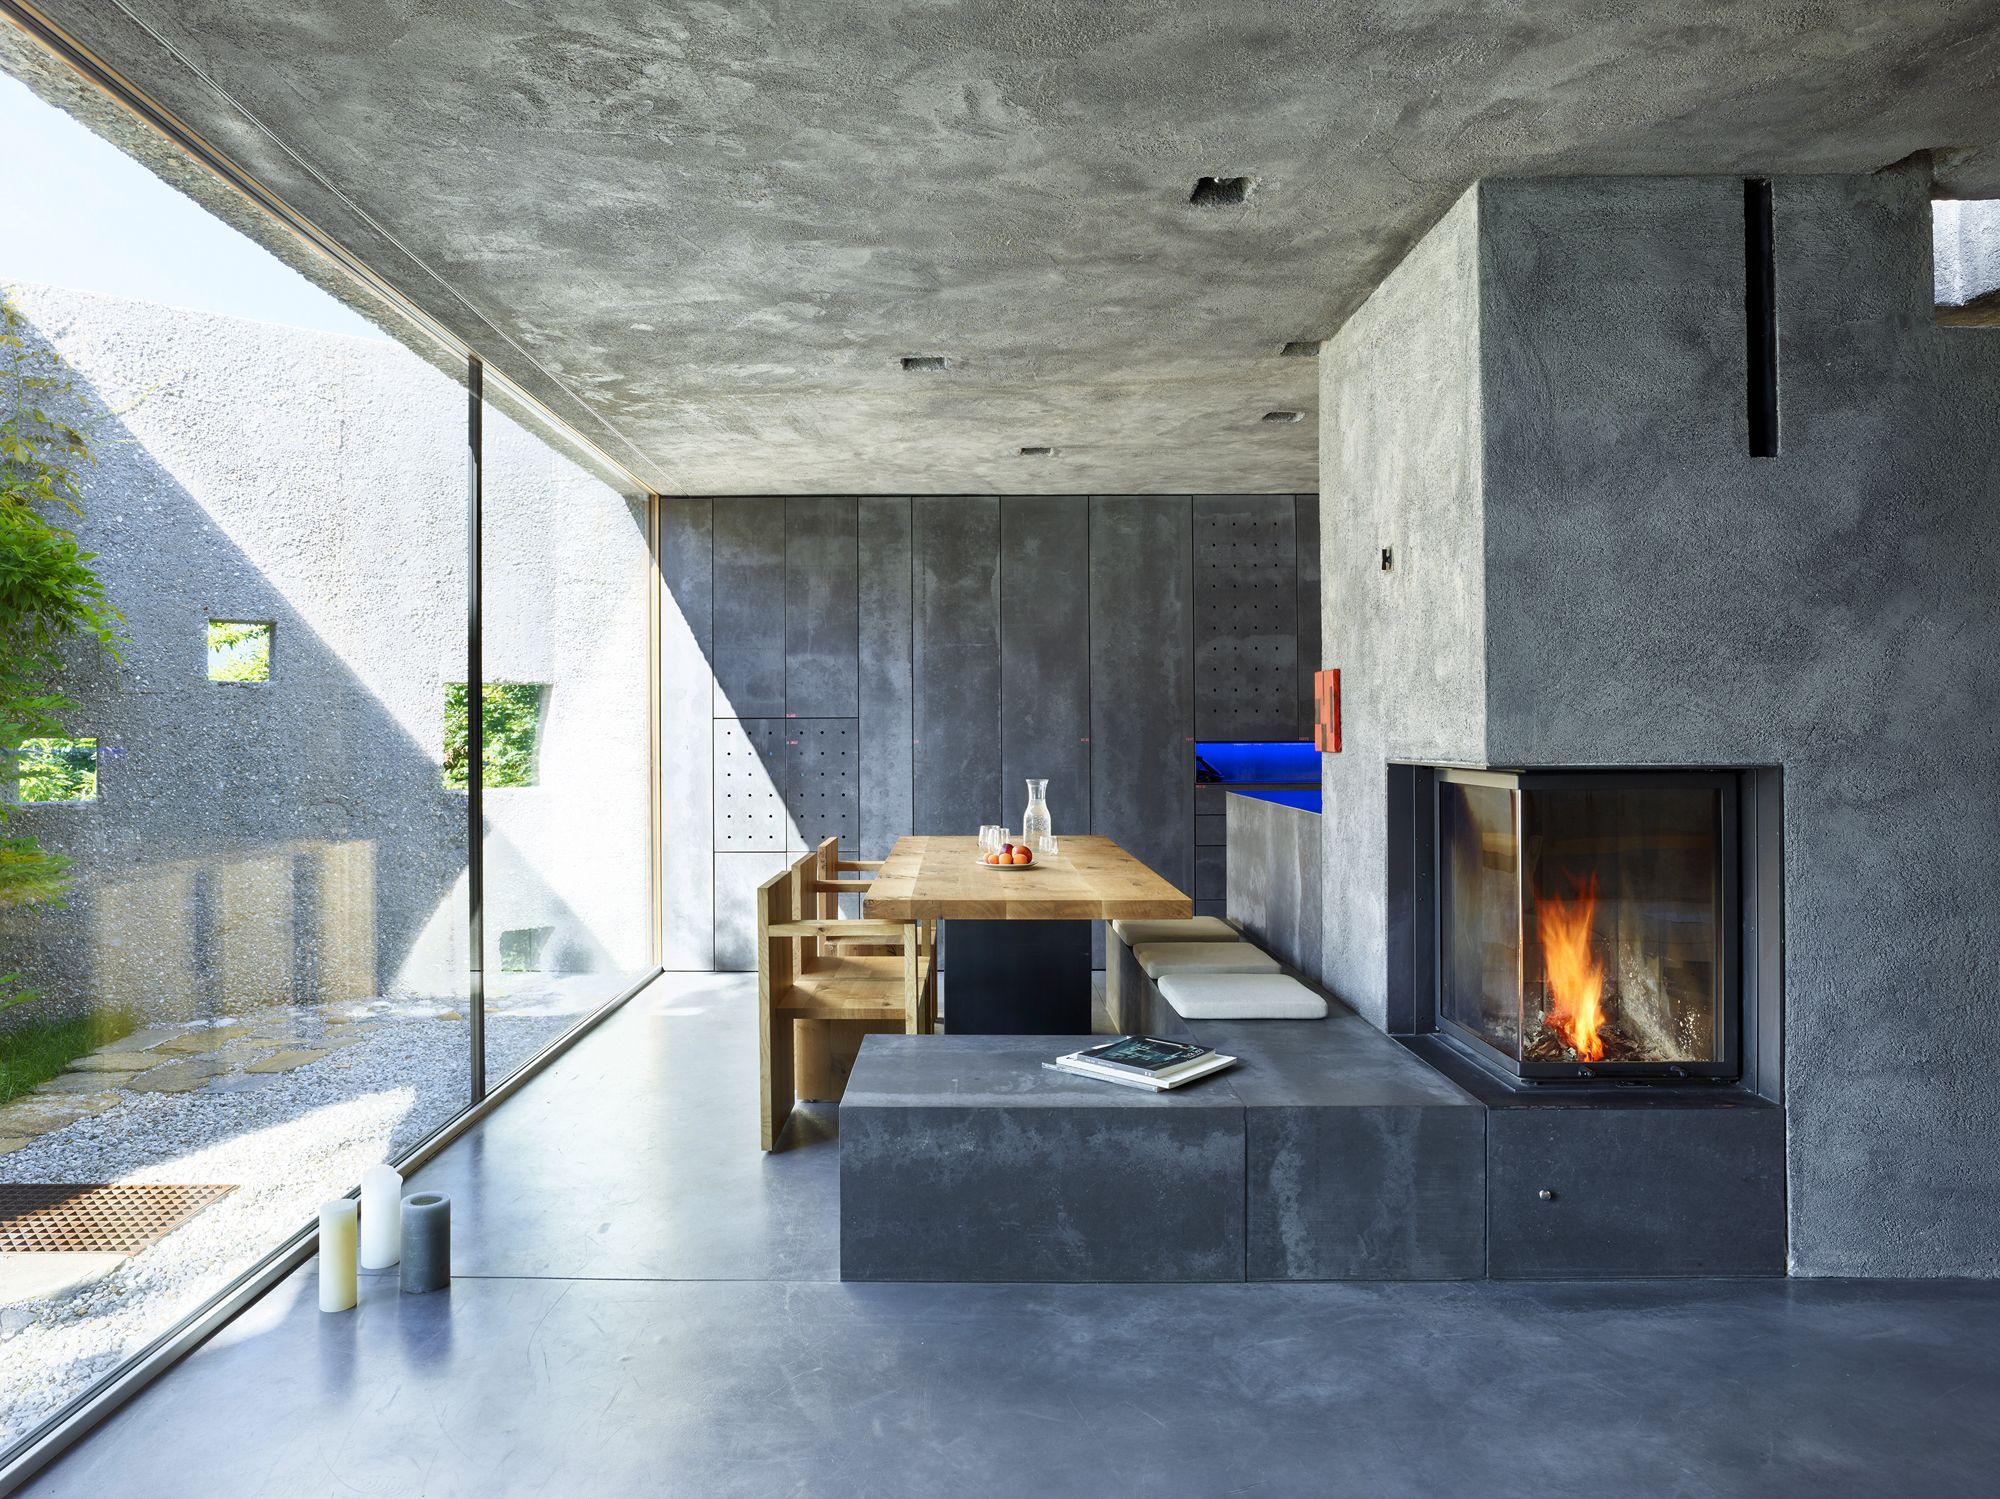 Steinerner Findling: Wohnhaus am Lago Maggiore | Architektur und ...